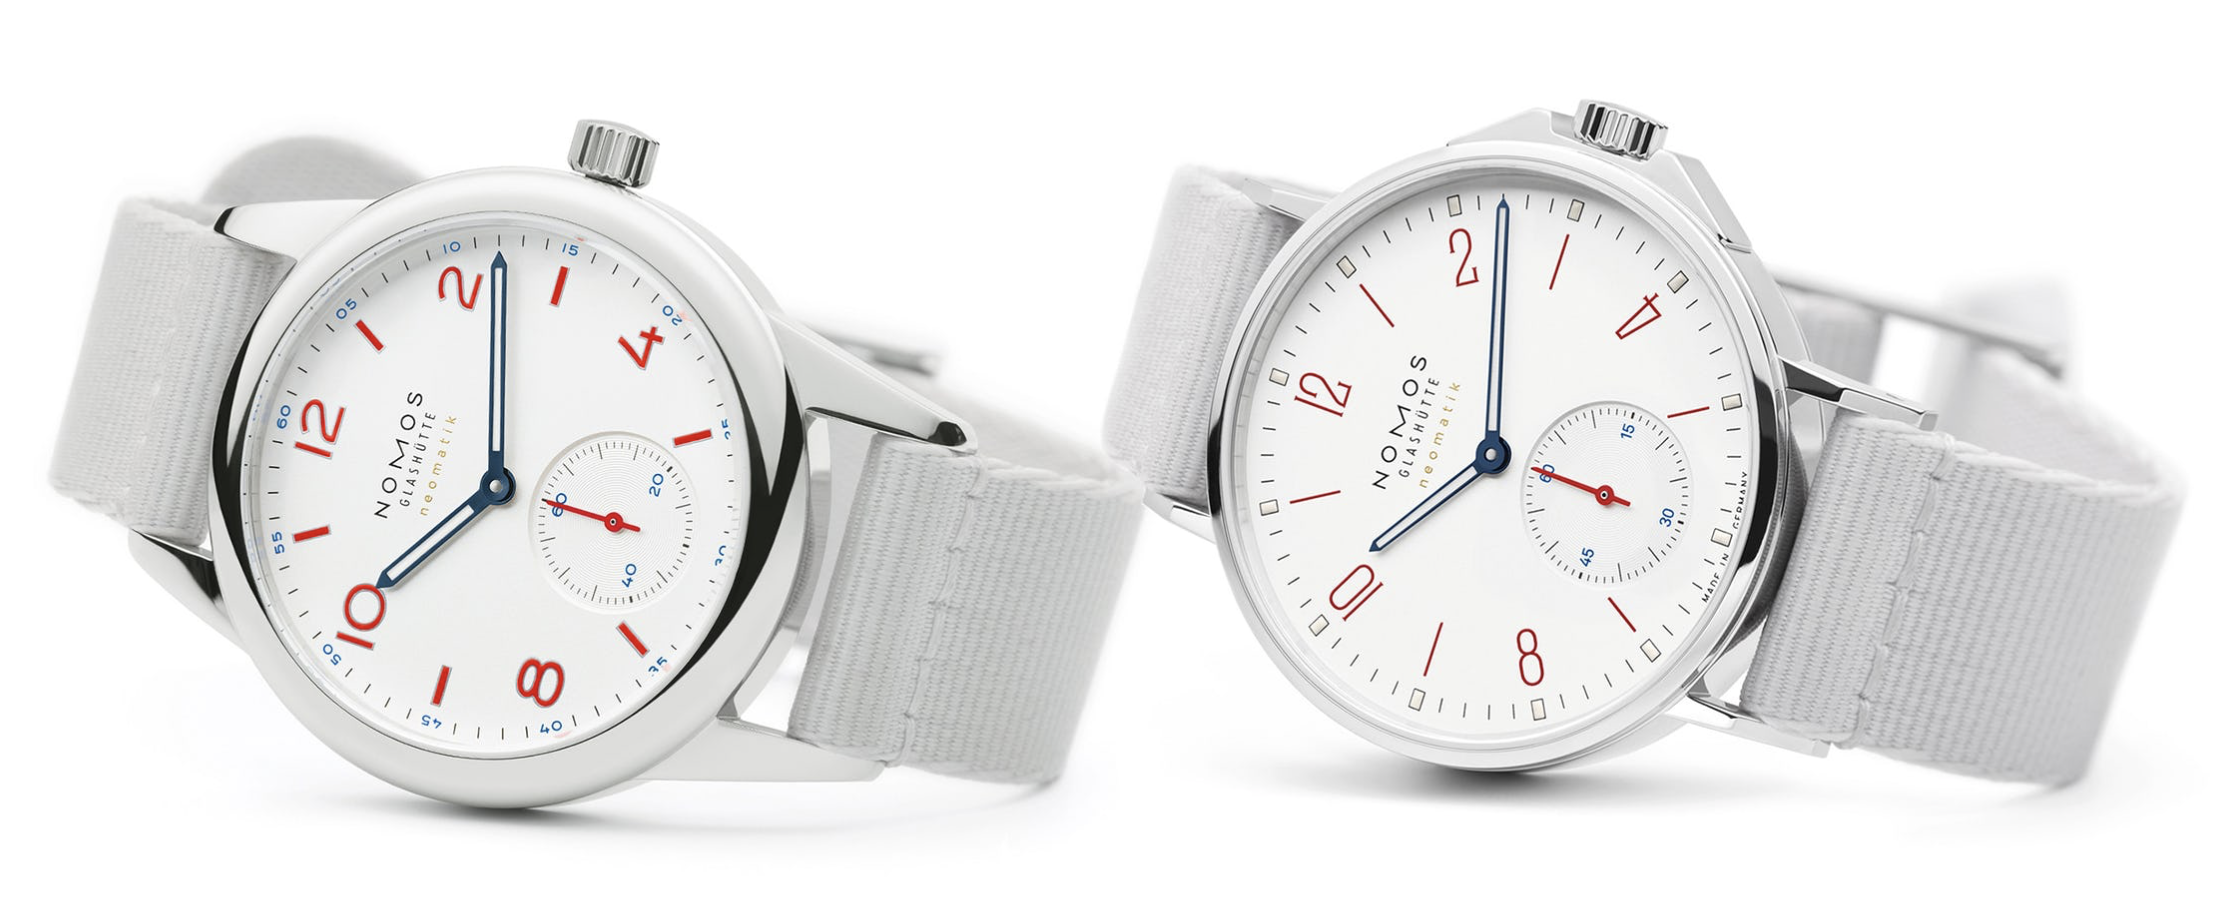 NOMOS新发布两款Aqua全新白色面盘腕表564 (Ahoi) 和744 (Club)